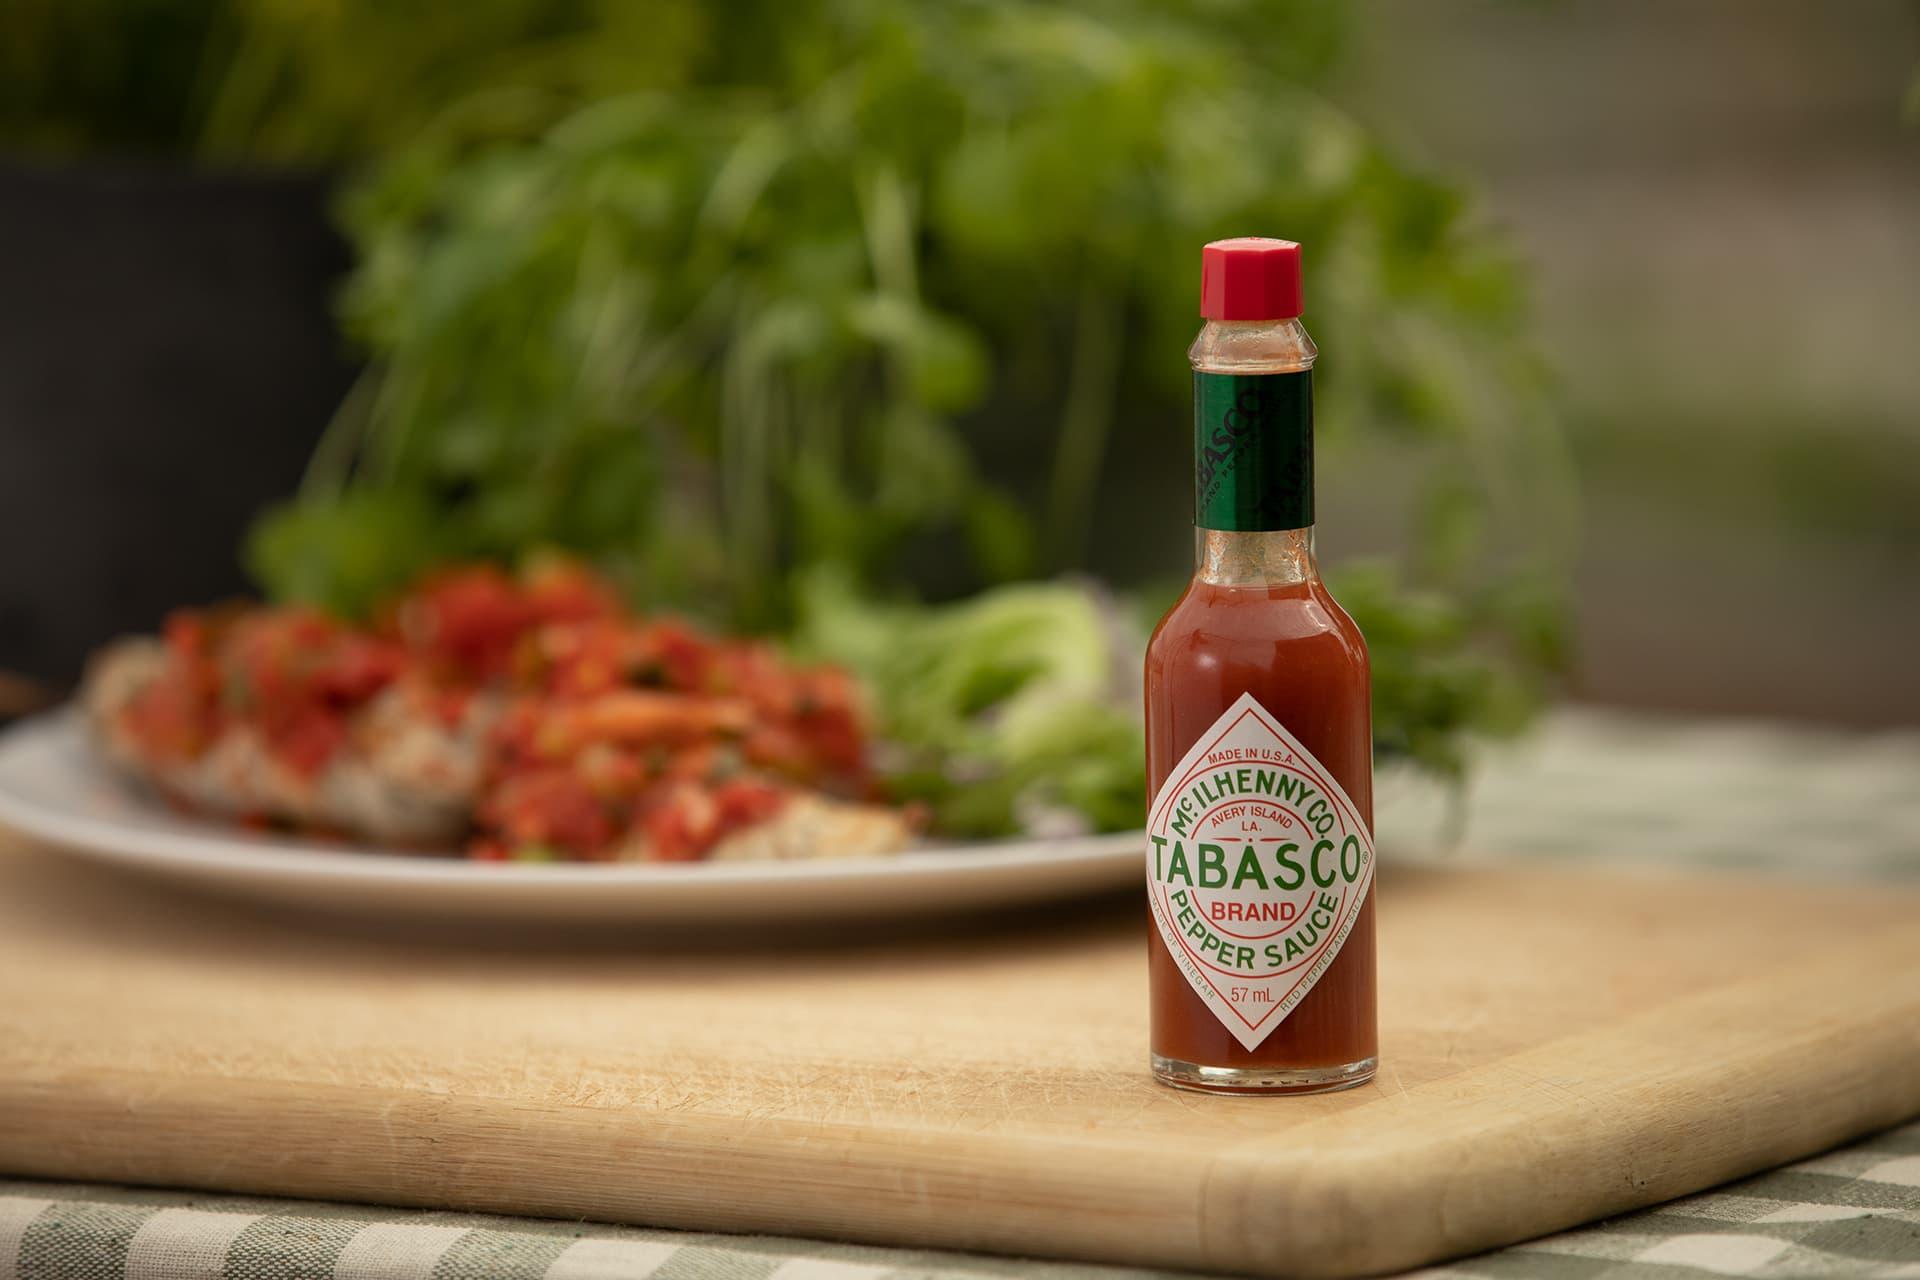 Det tar hele 5 år å lage en flaske med Tabasco. Selve sausen er laget på kun tre ingredienser, og oppskriften har vært uforandret siden 1868.